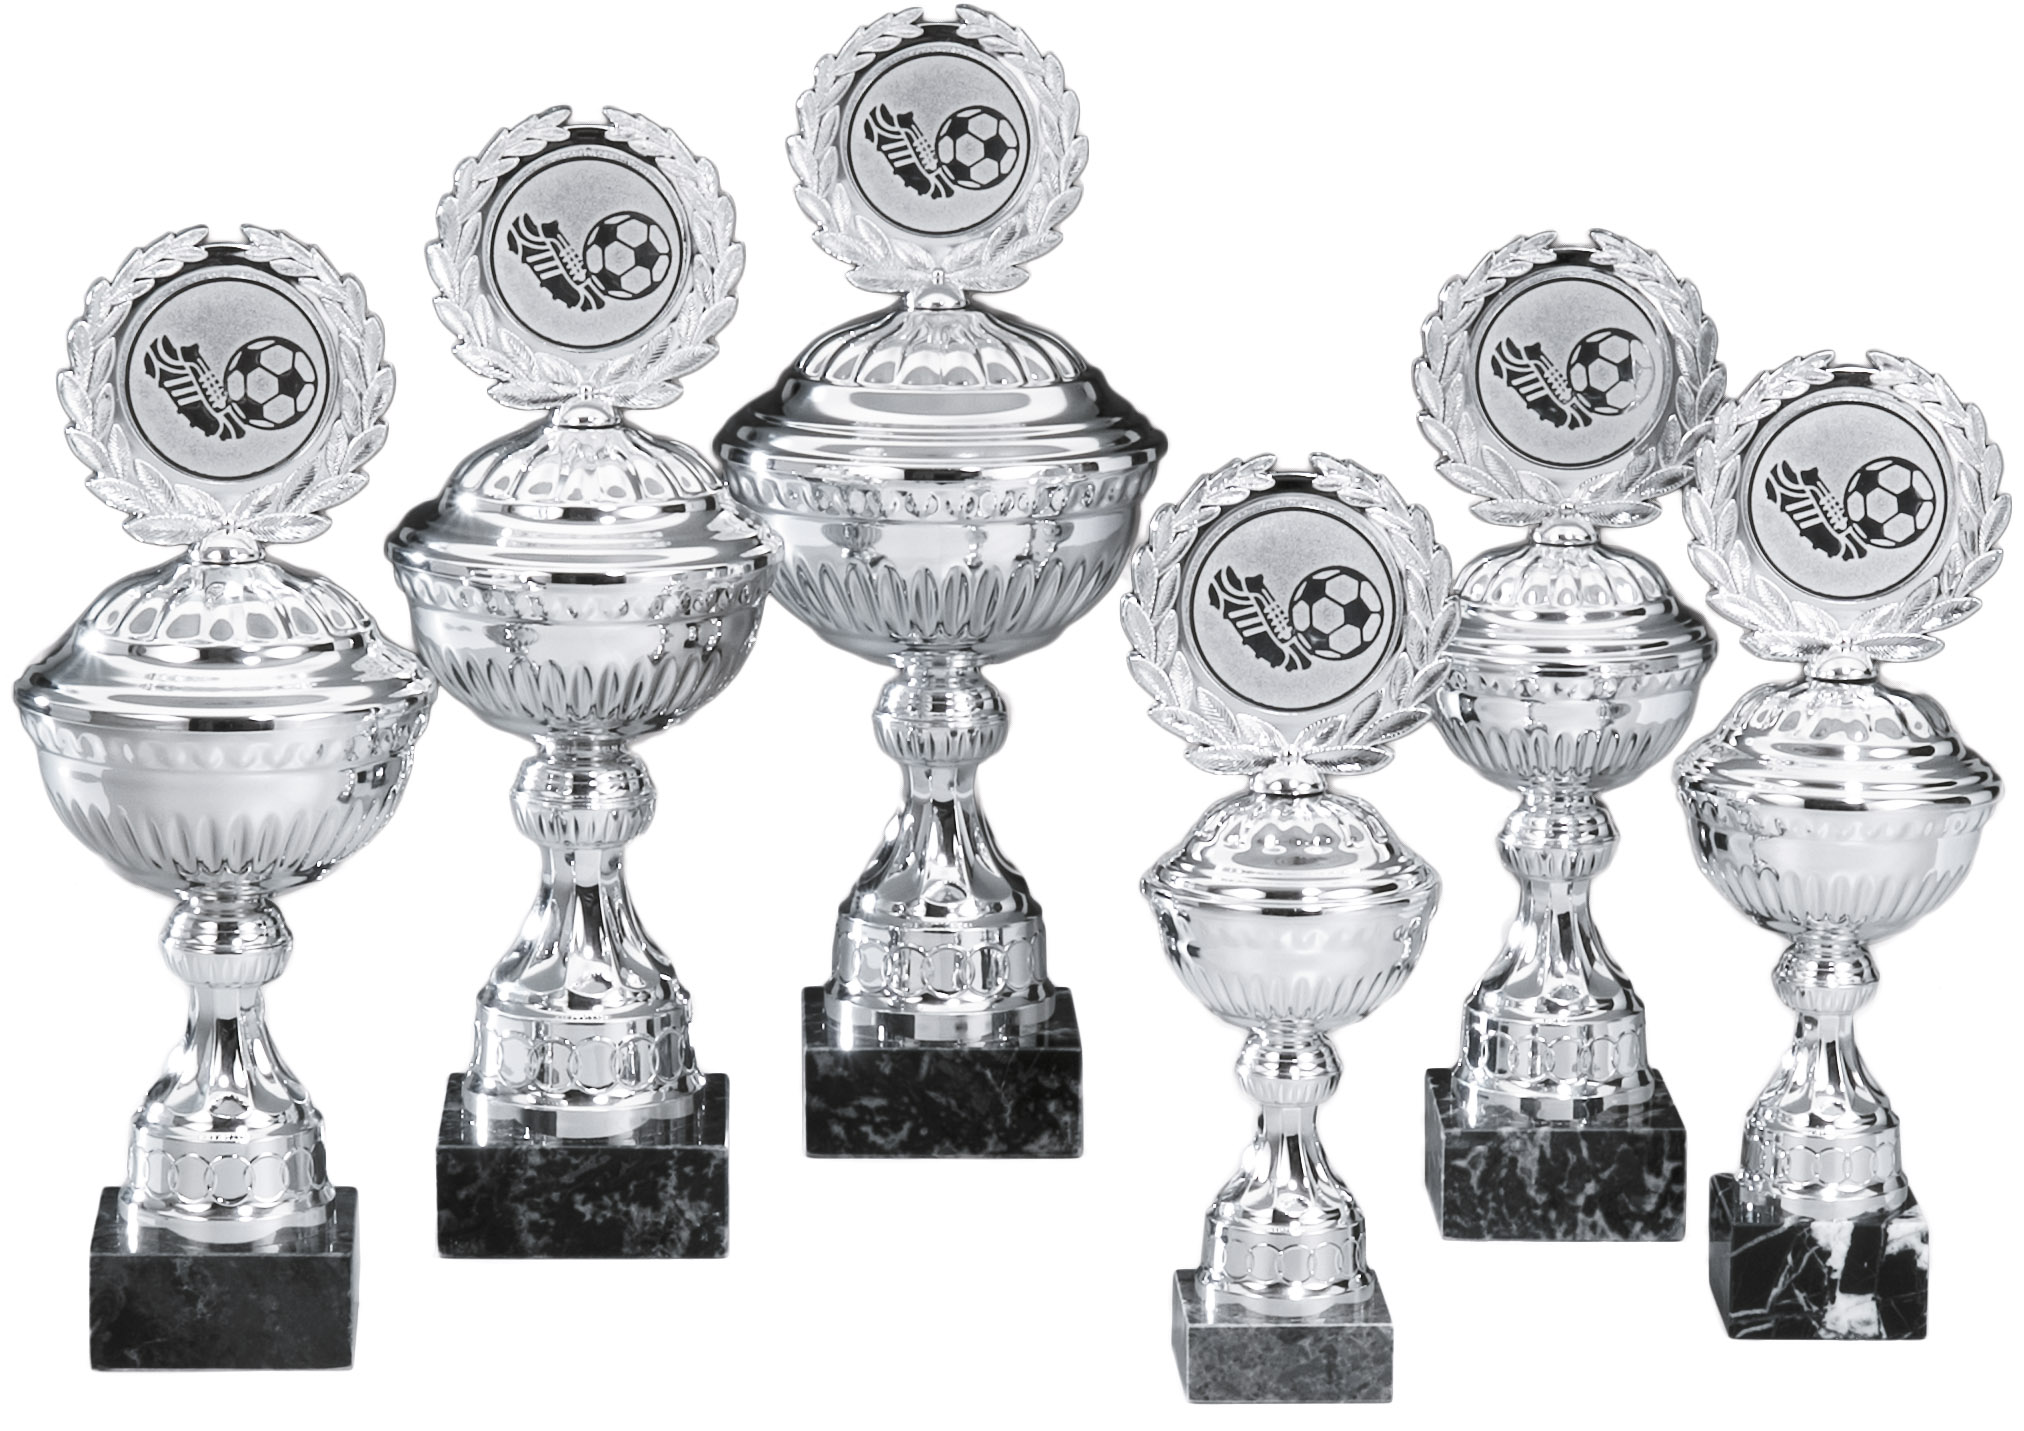 Pokale aus 6er Pokalserie: 68850 - 68855, 22,5 - 31,0 cm